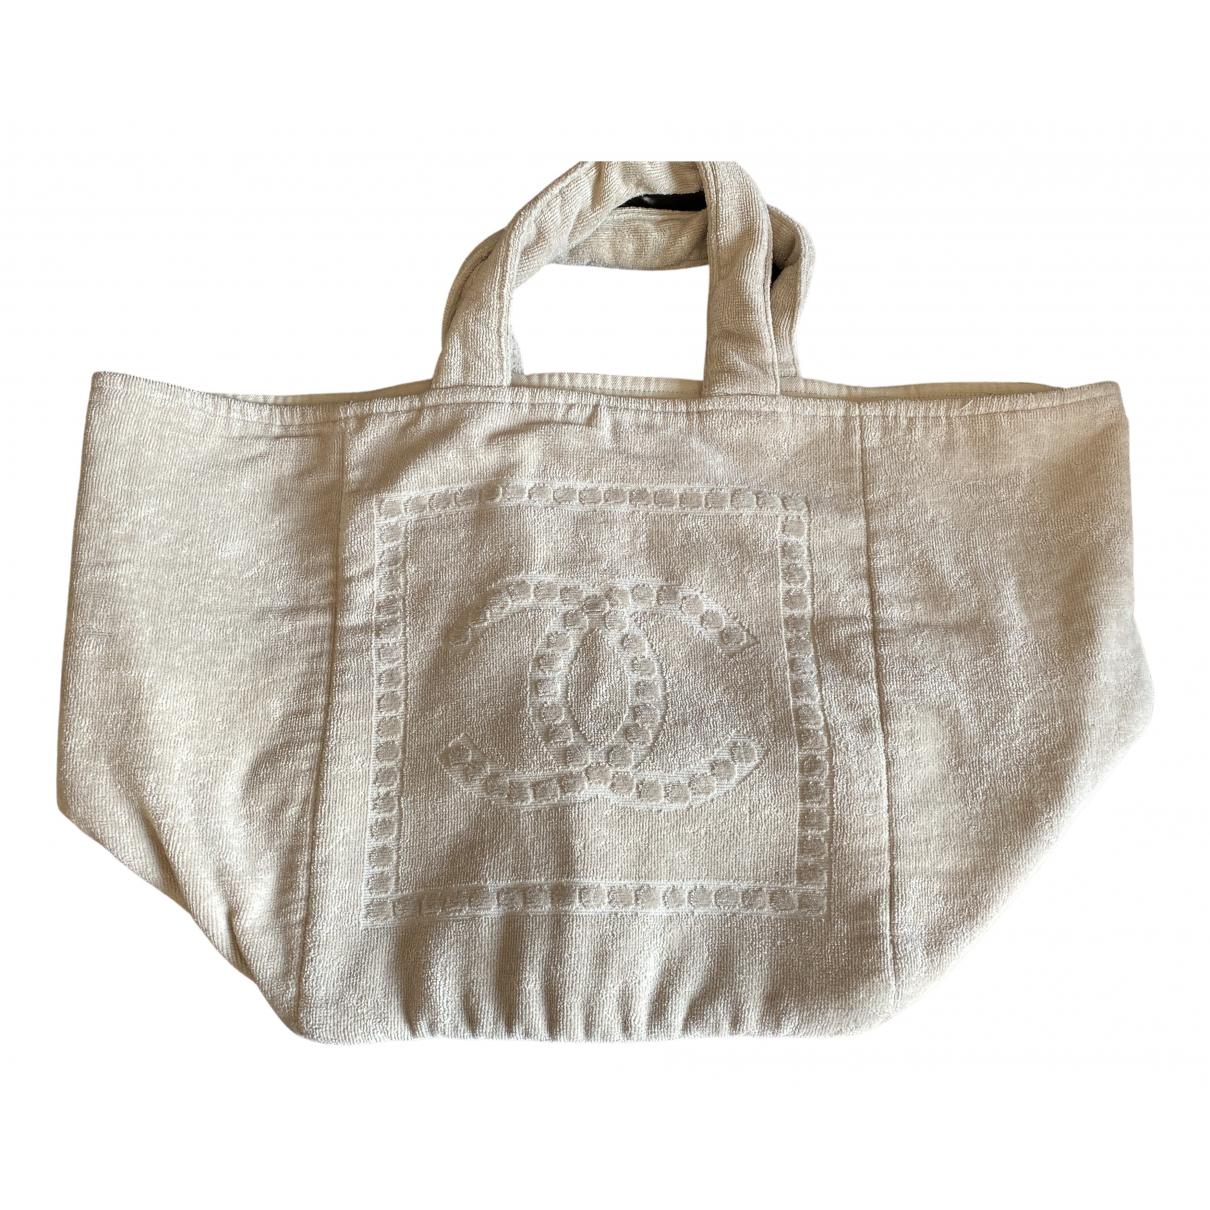 Chanel - Sac de voyage   pour femme en coton - beige